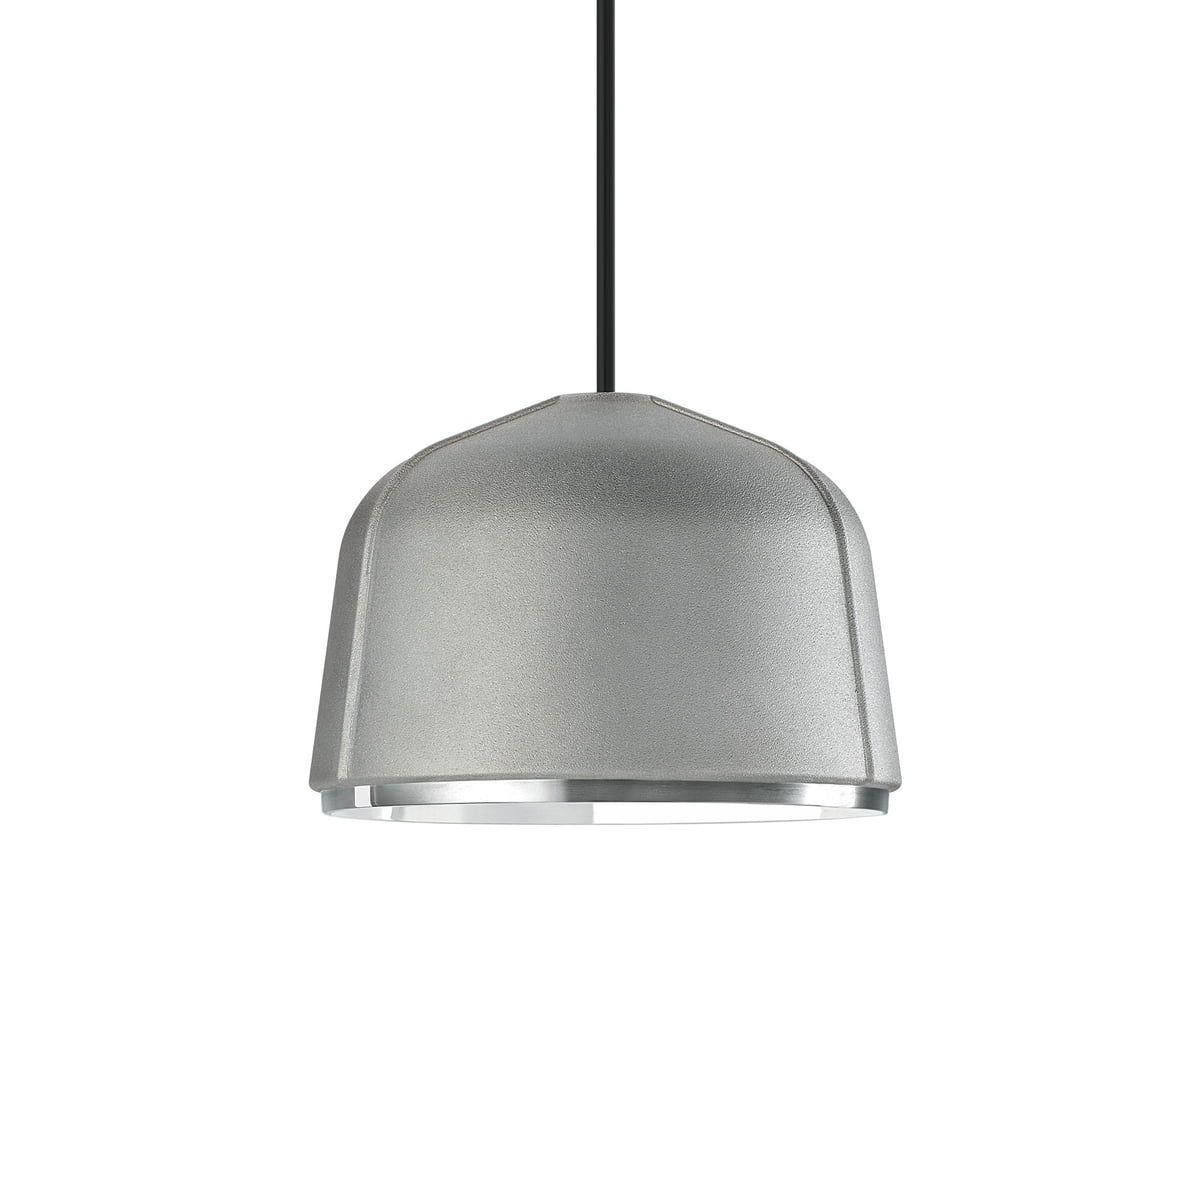 Lustra Arumi Led Aluminium